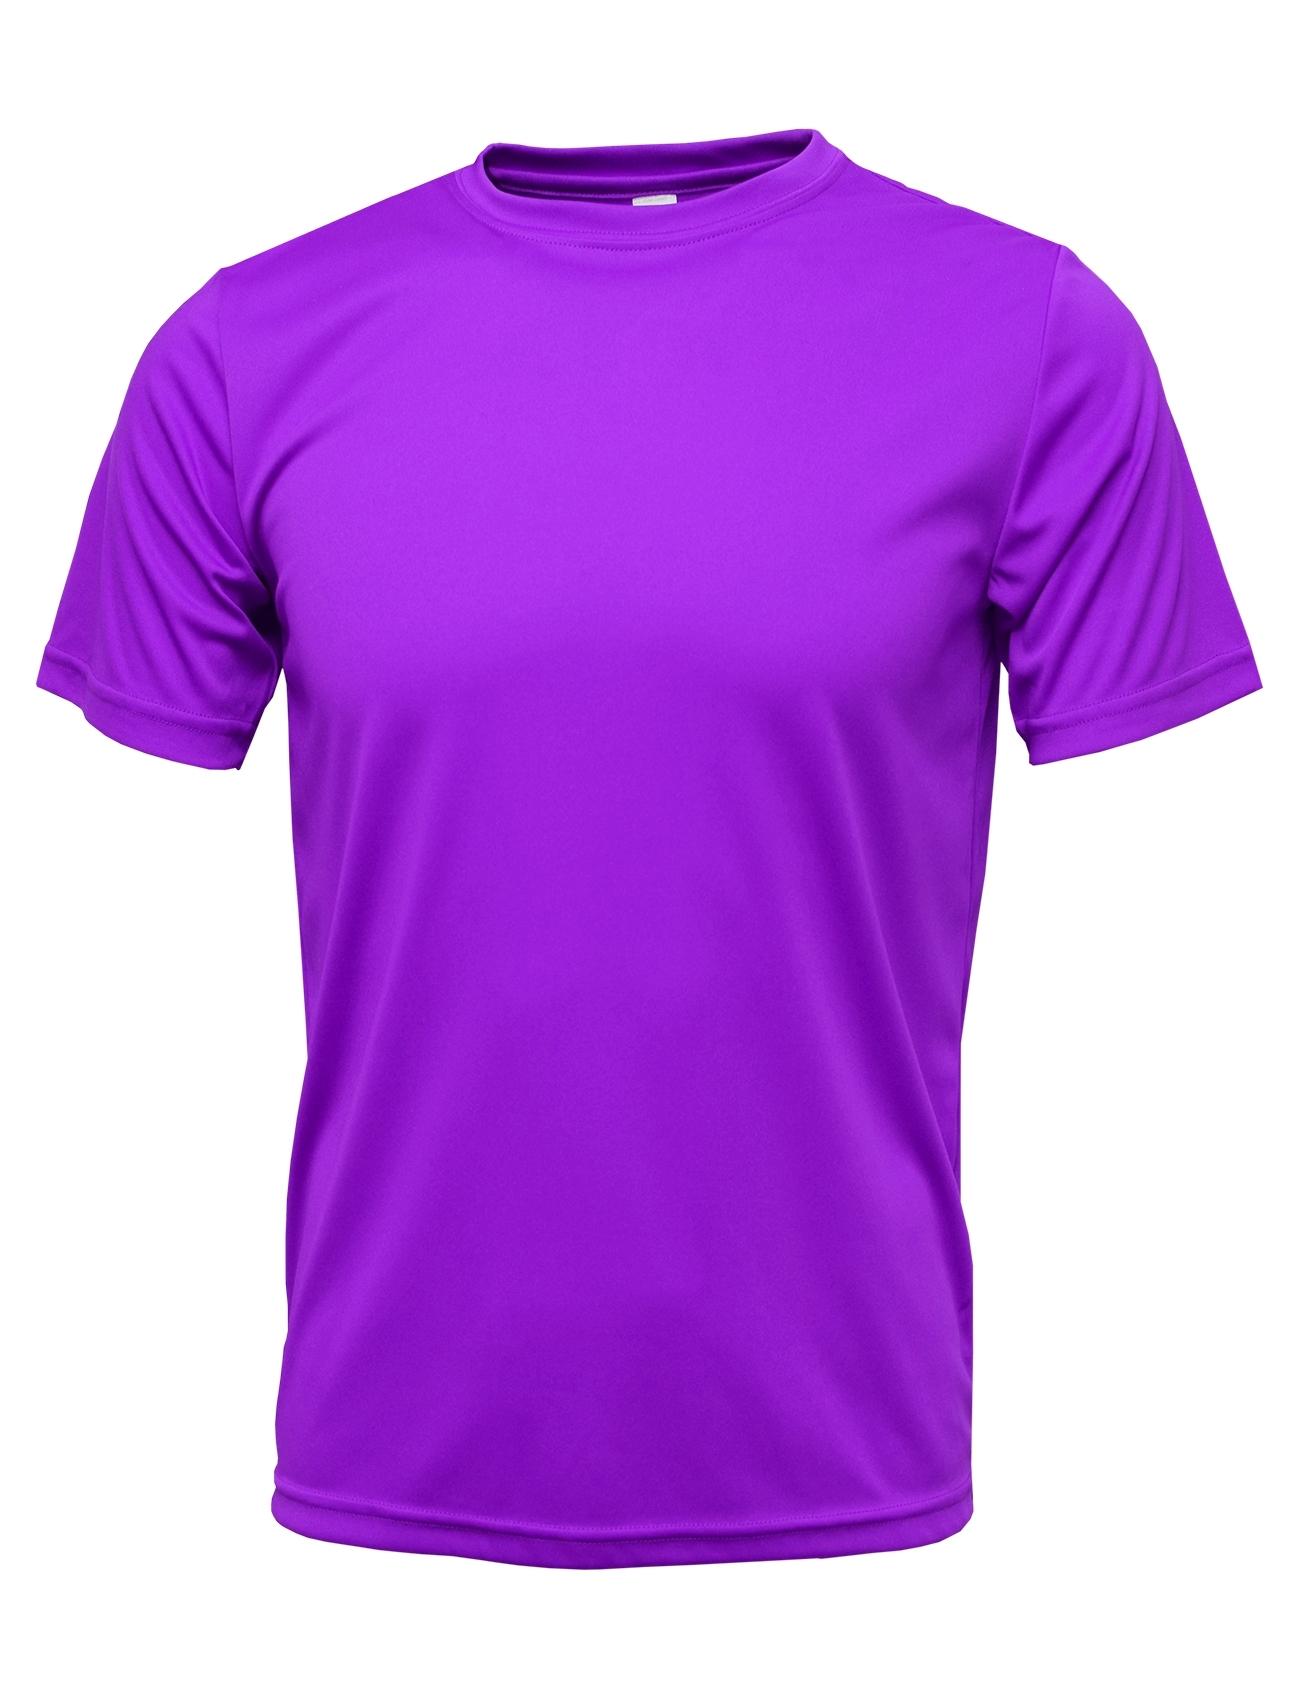 E. Purple